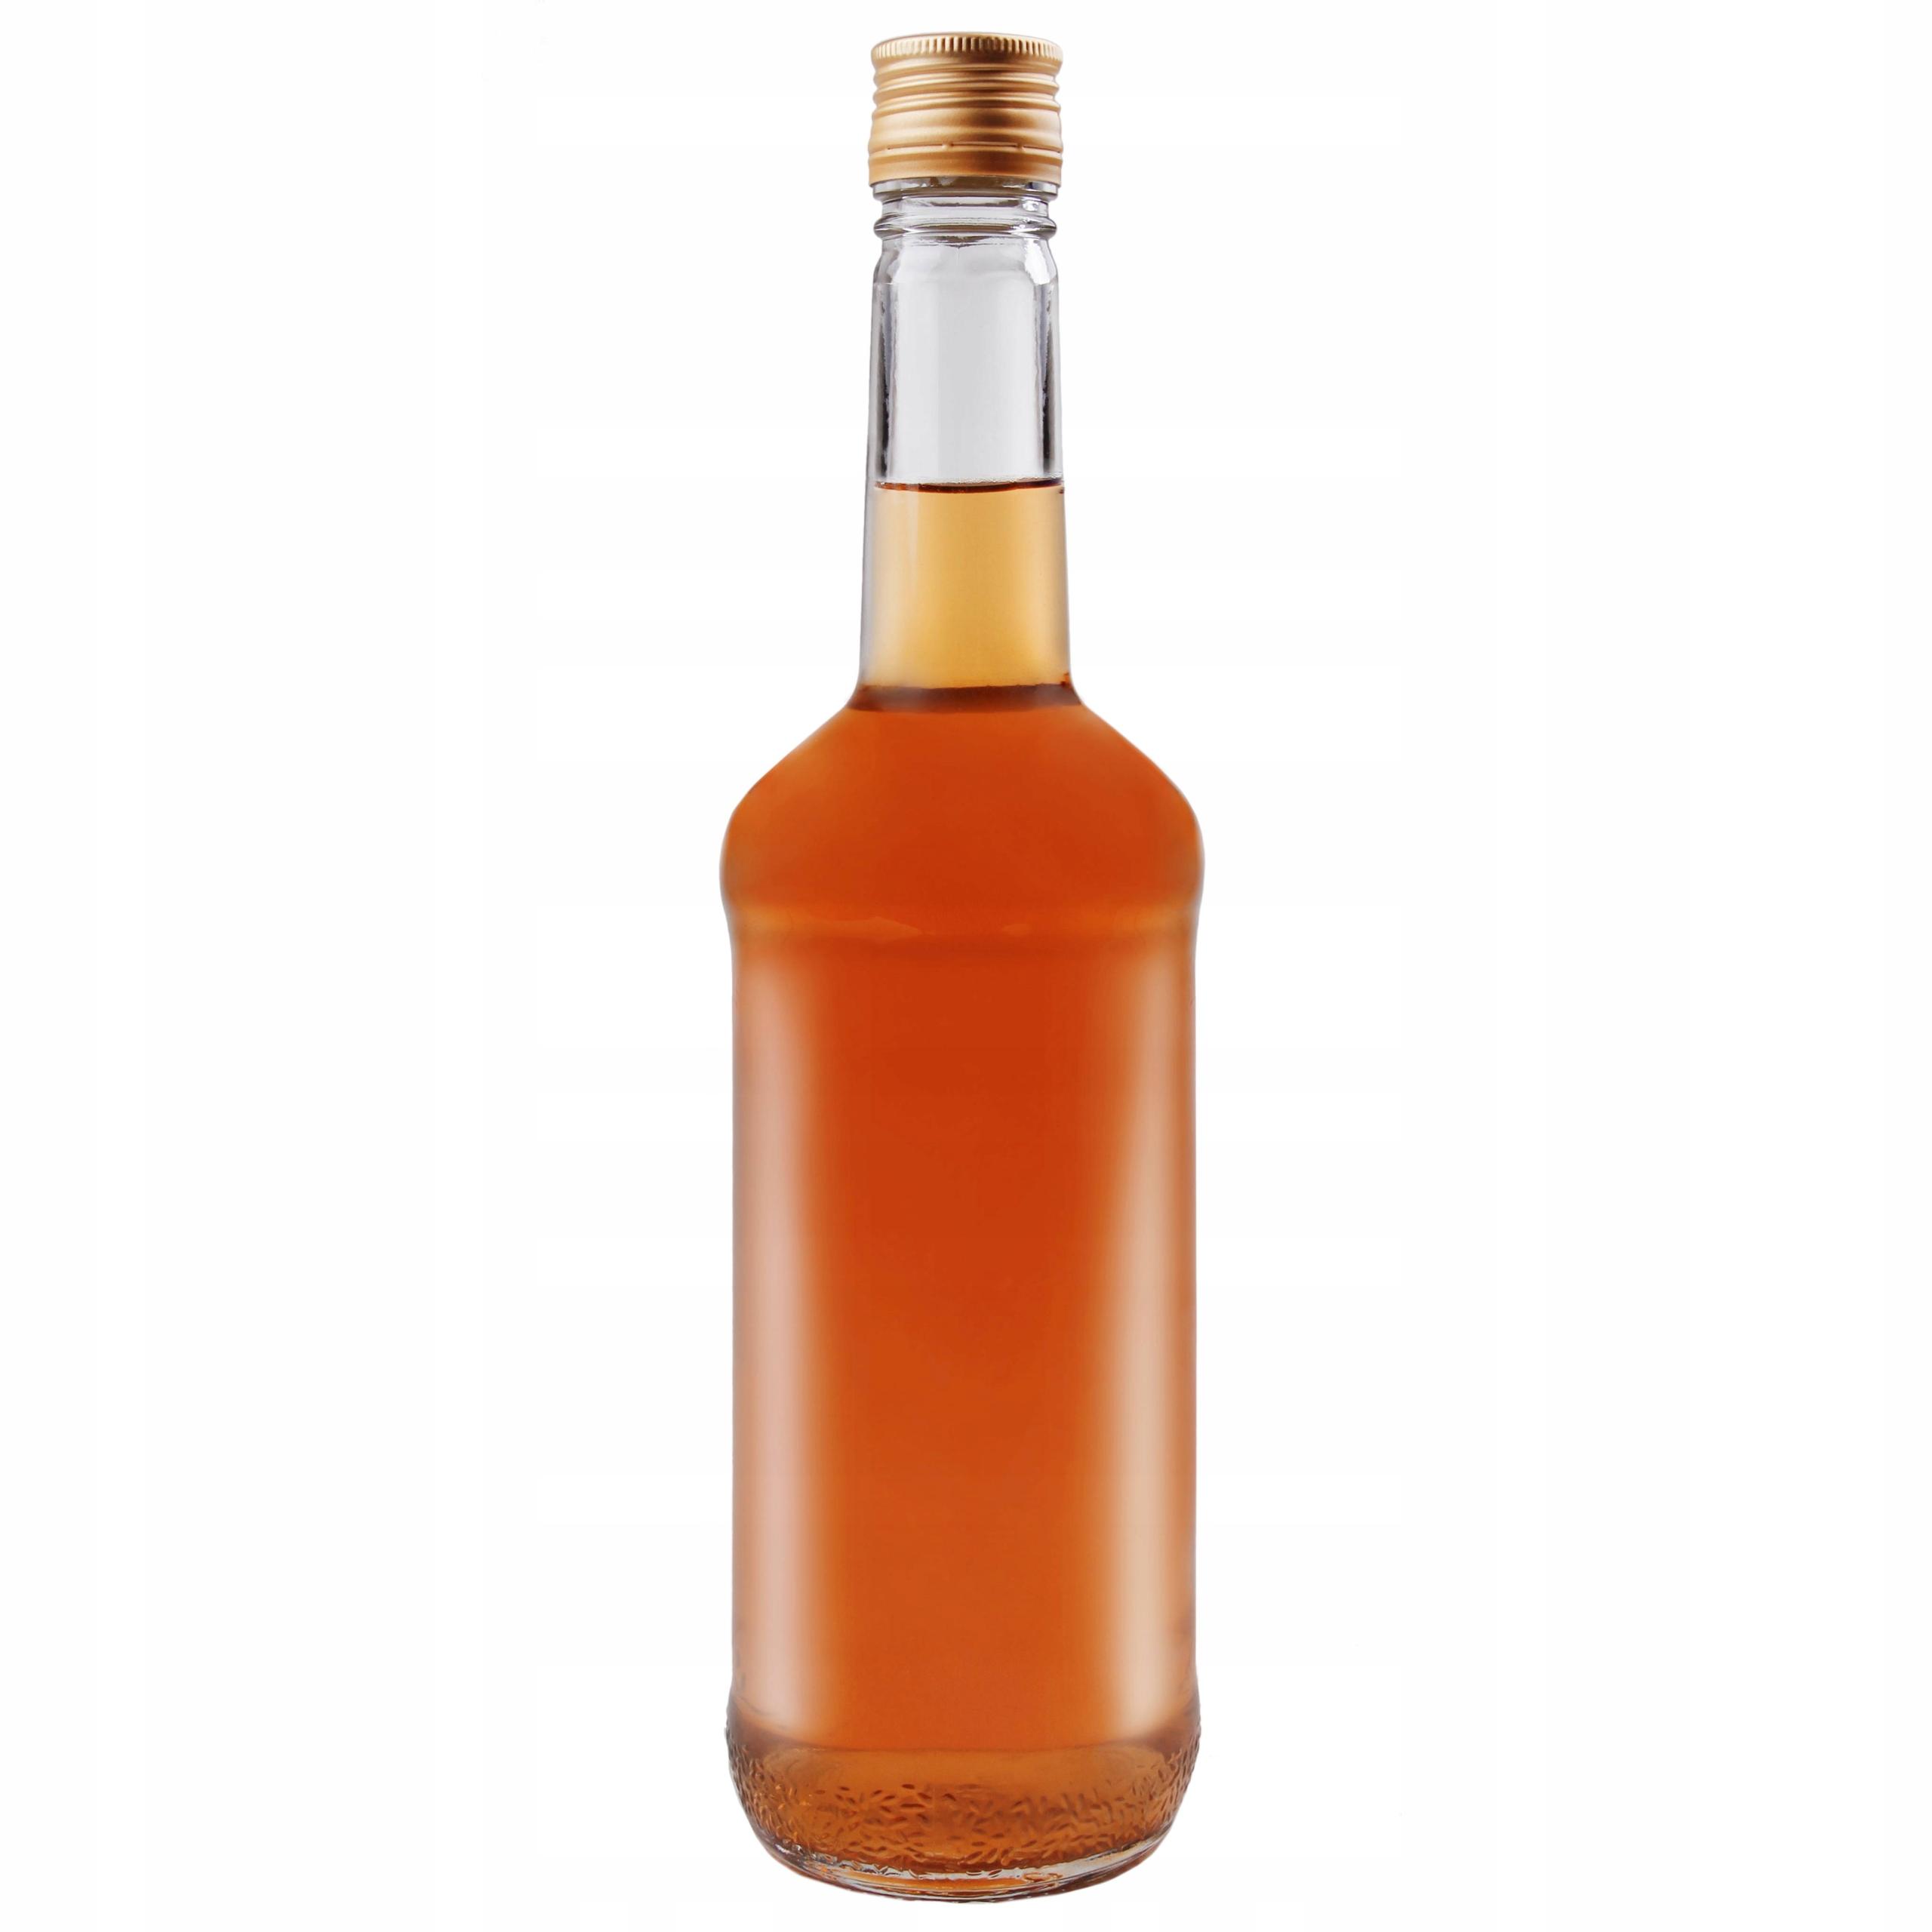 20 бутылок KONIAK 700 мл для алкоголя, соков и др.